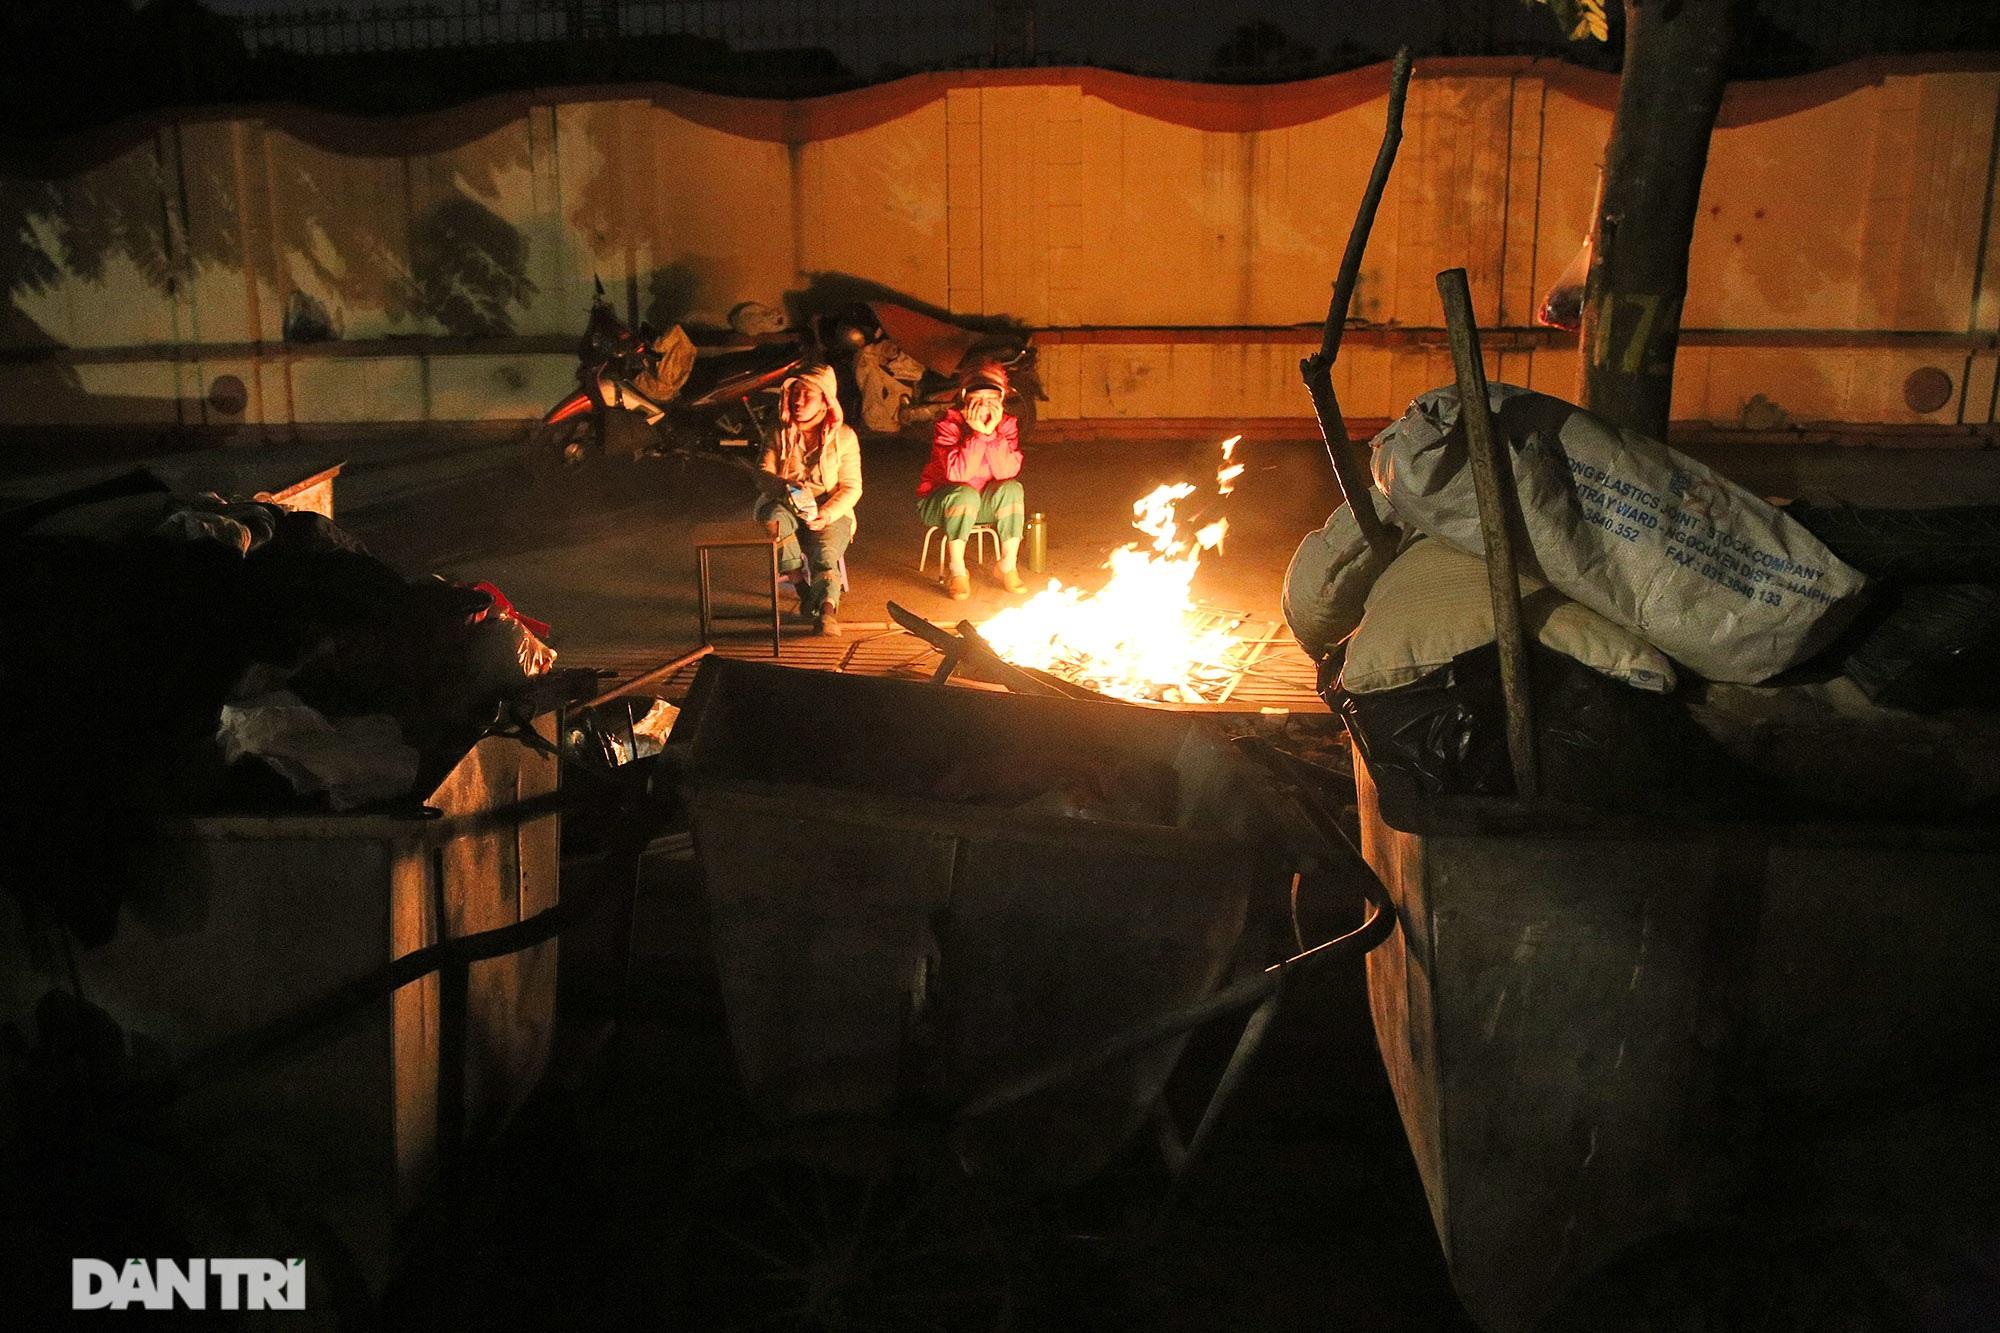 Người lao động nghèo vật lộn mưu sinh trong đêm giá rét ở Hà Nội - 6